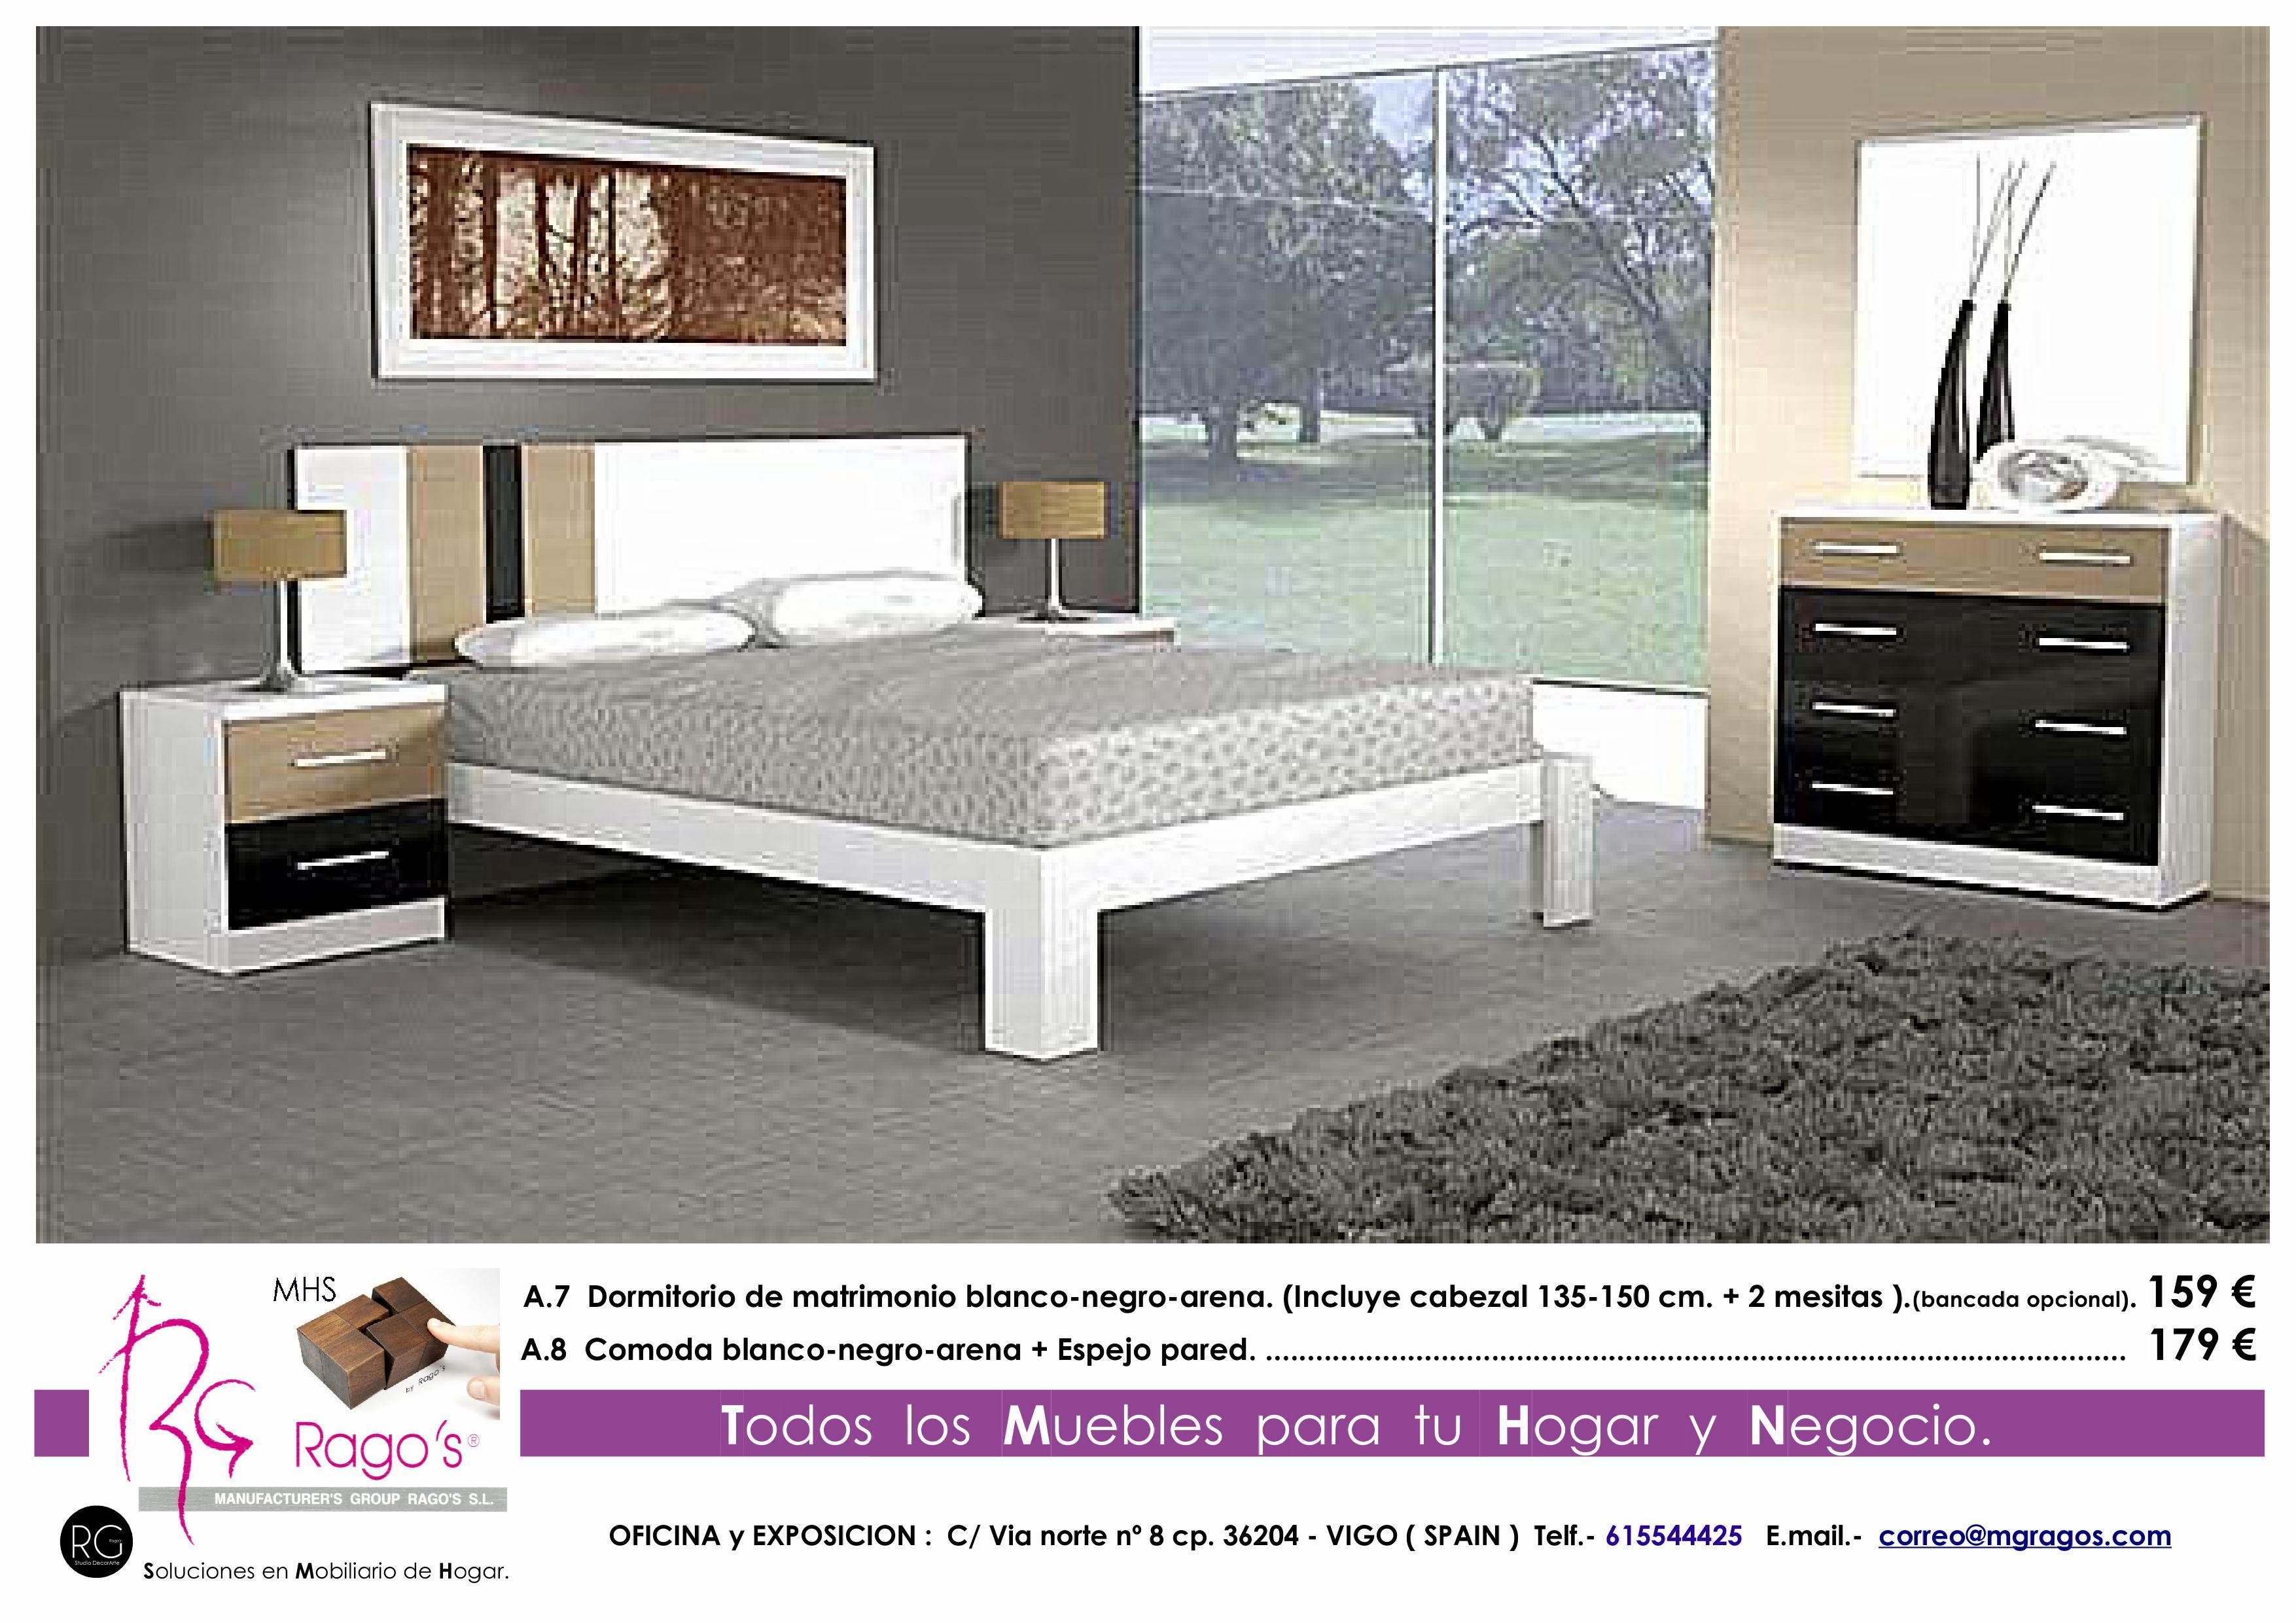 A.7-A.8 Dormitorio (Cabezal+Mesitas - Comoda+Espejo) Pag. nº 3